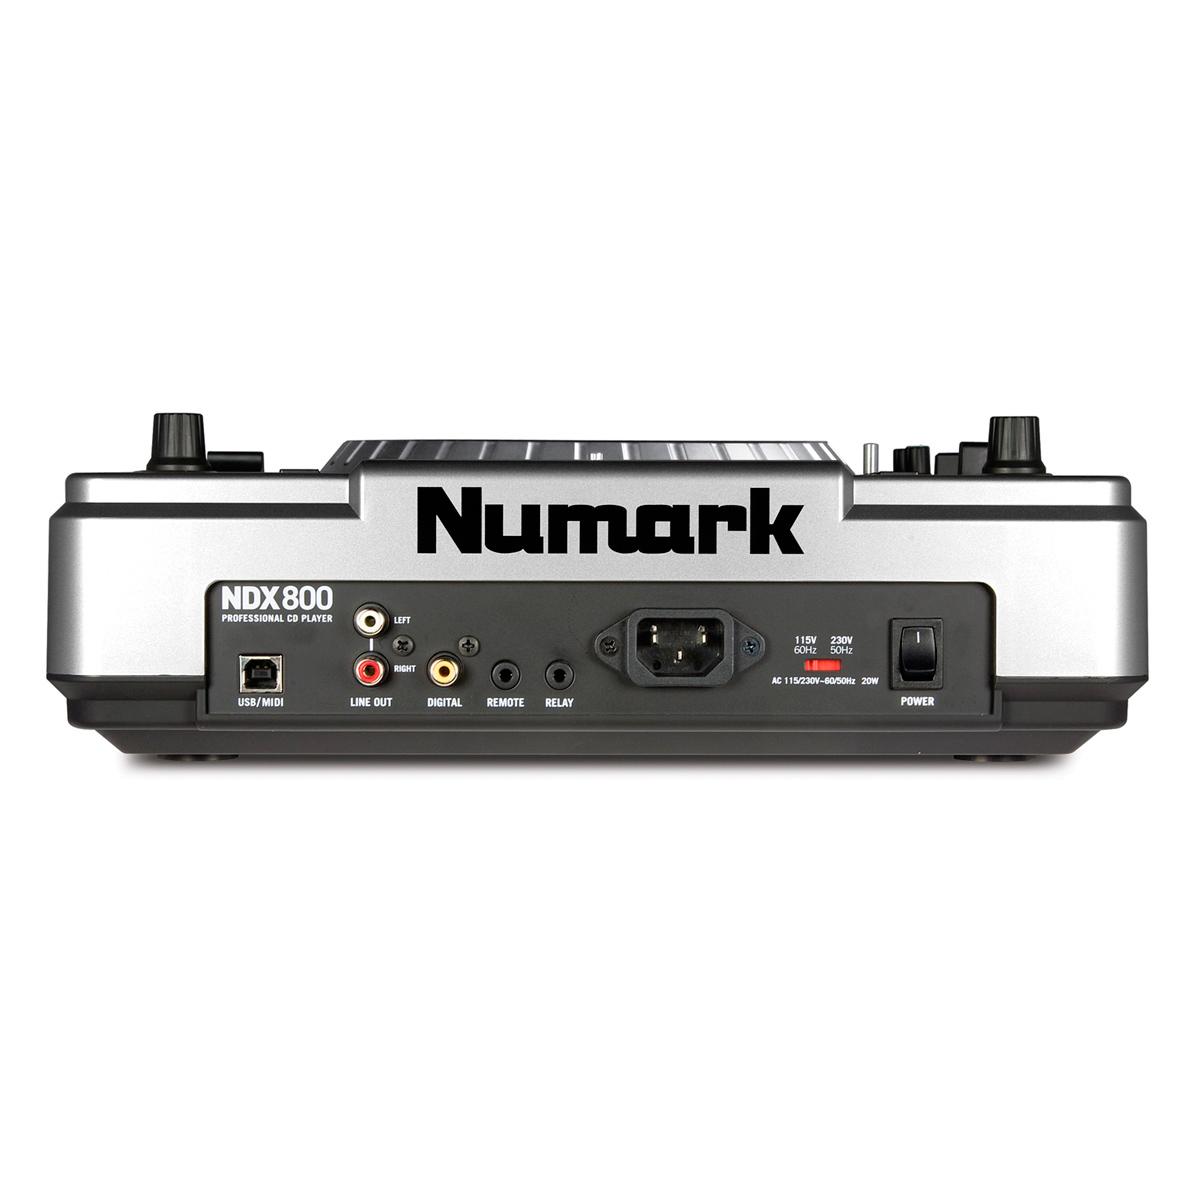 CDJ Player c/ USB NDX800 - Numark